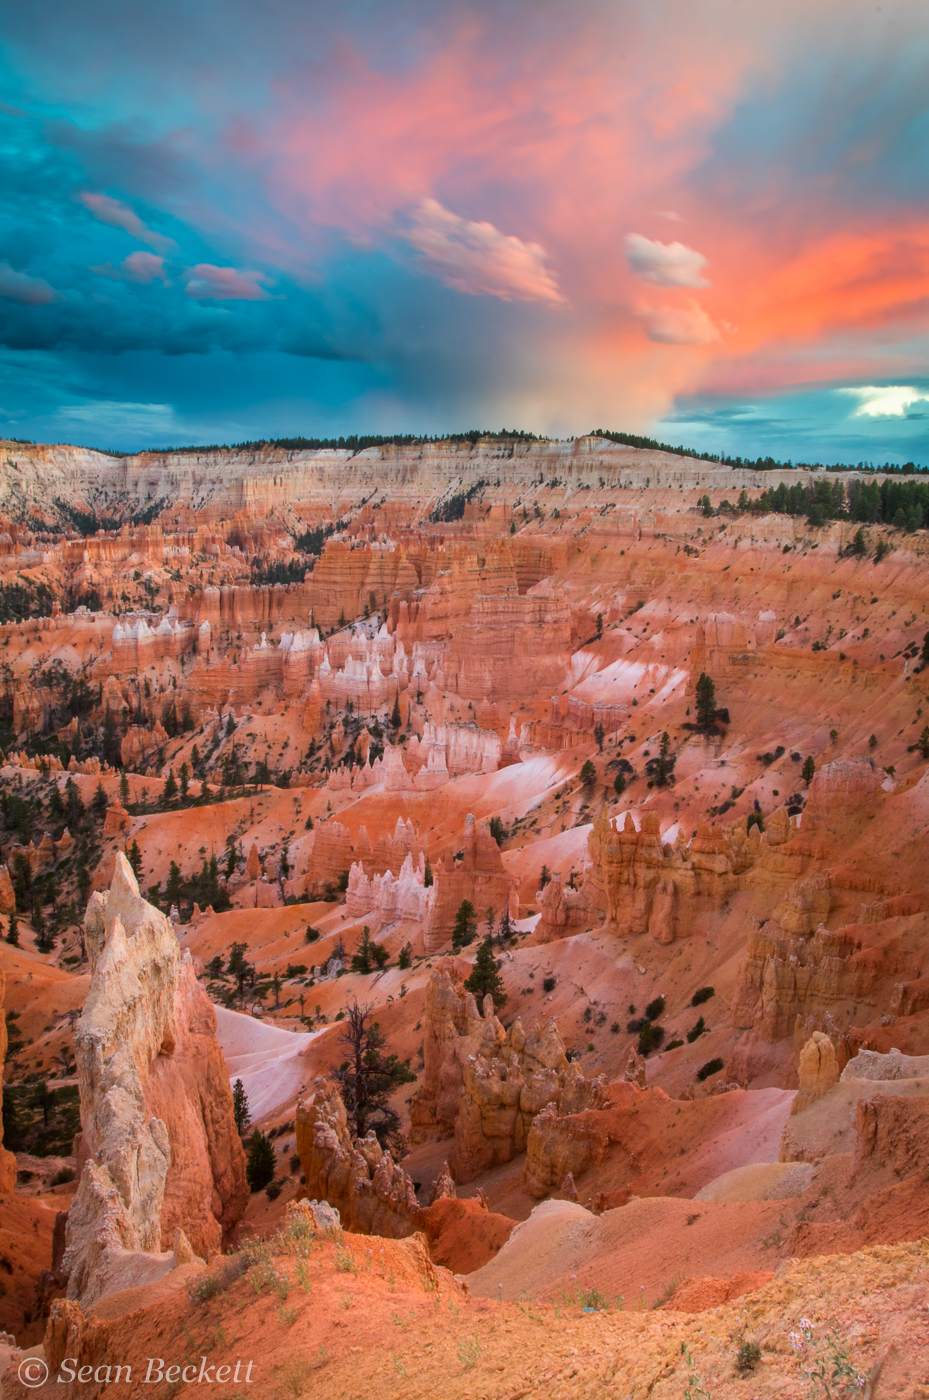 Southwest_Canyons_SB-2.jpg